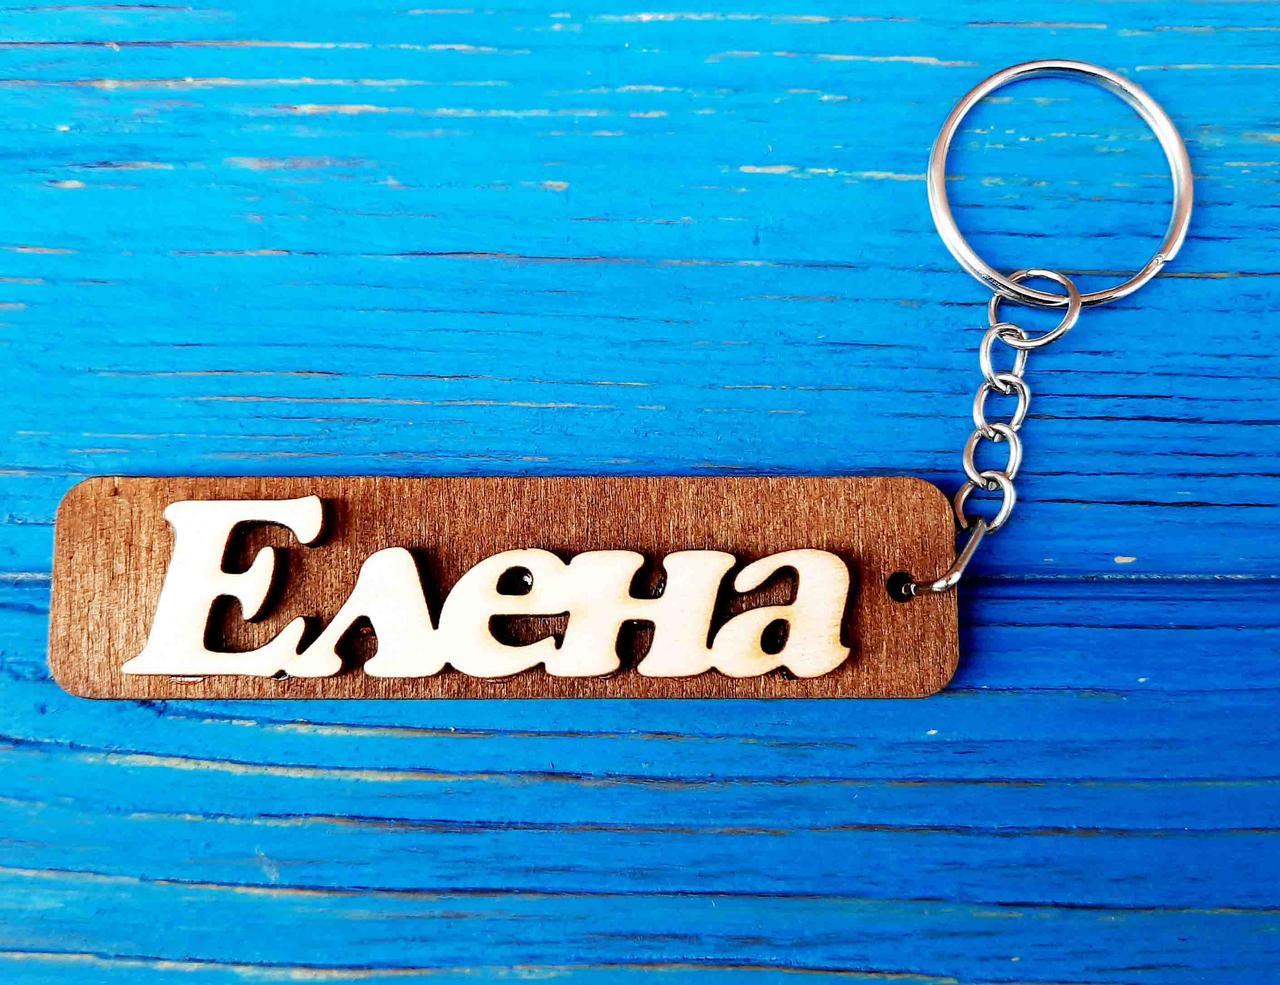 Брелок іменний Олена. Брелок з ім'ям Олена. Брелок дерев'яний. Брелок для ключів. Брелоки з іменами